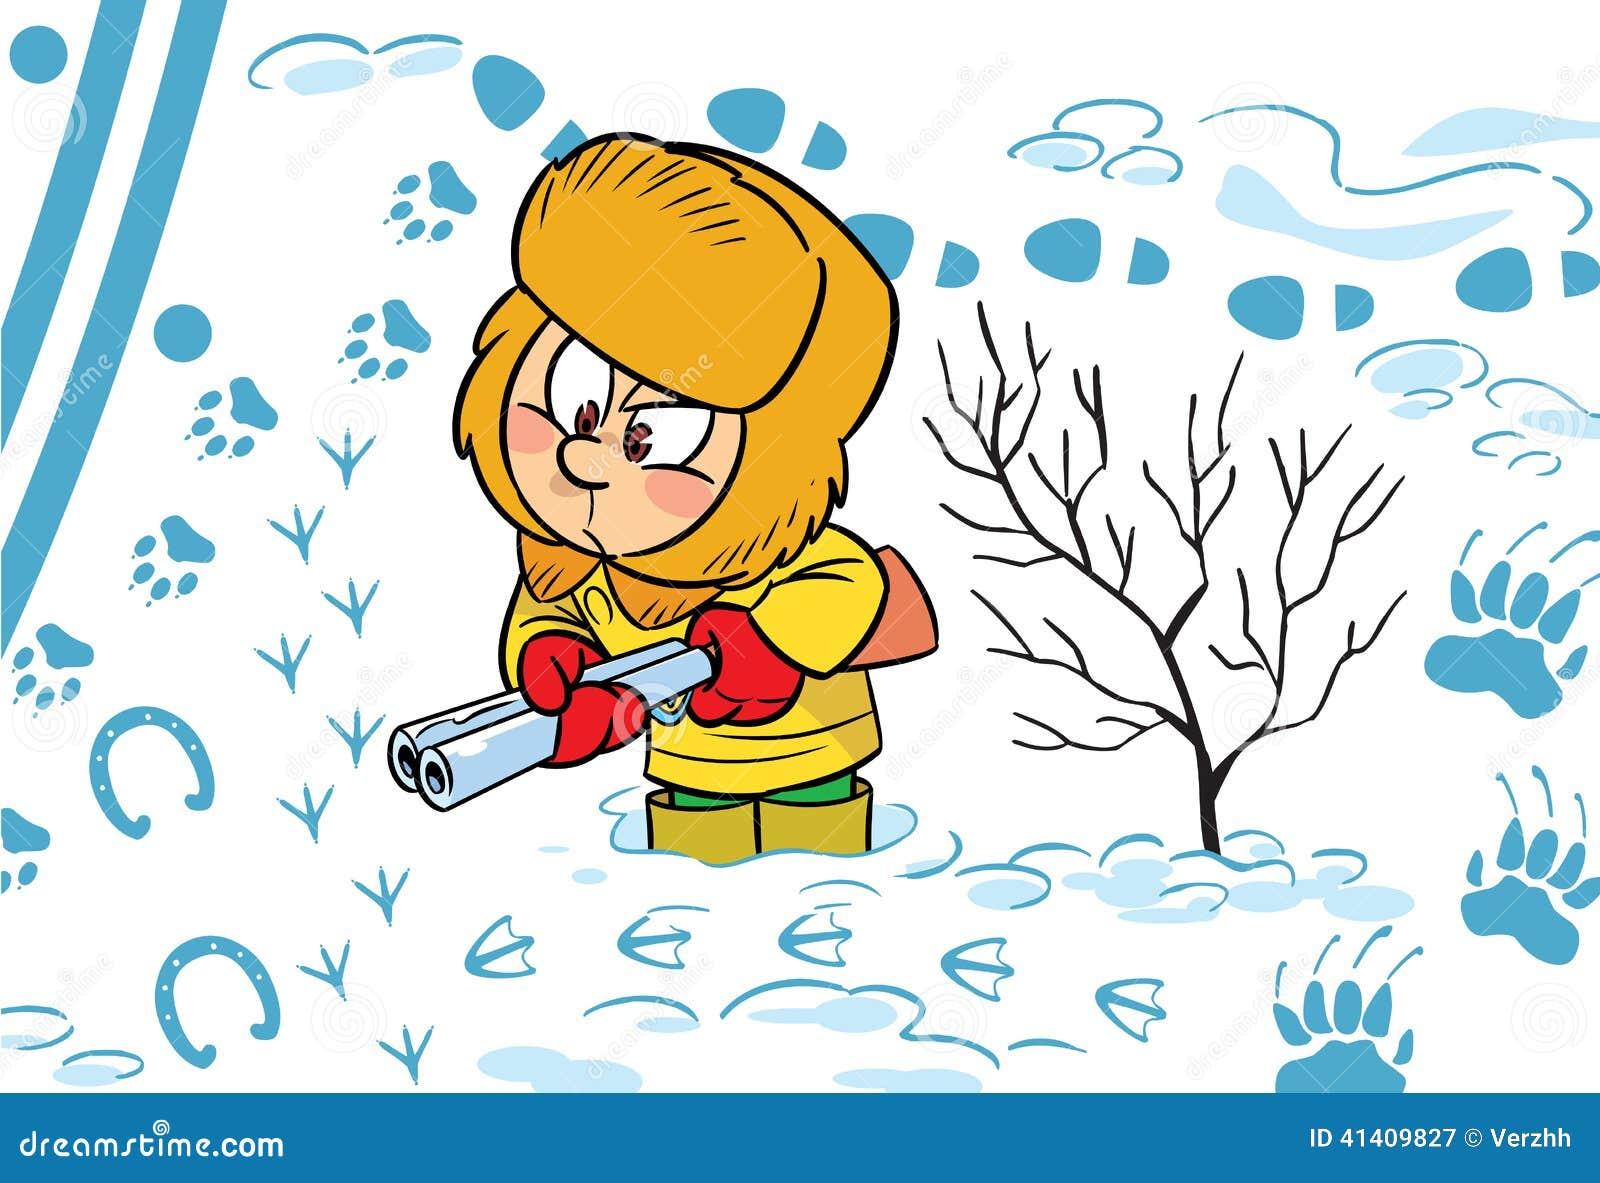 冬天的动物 图片卡通